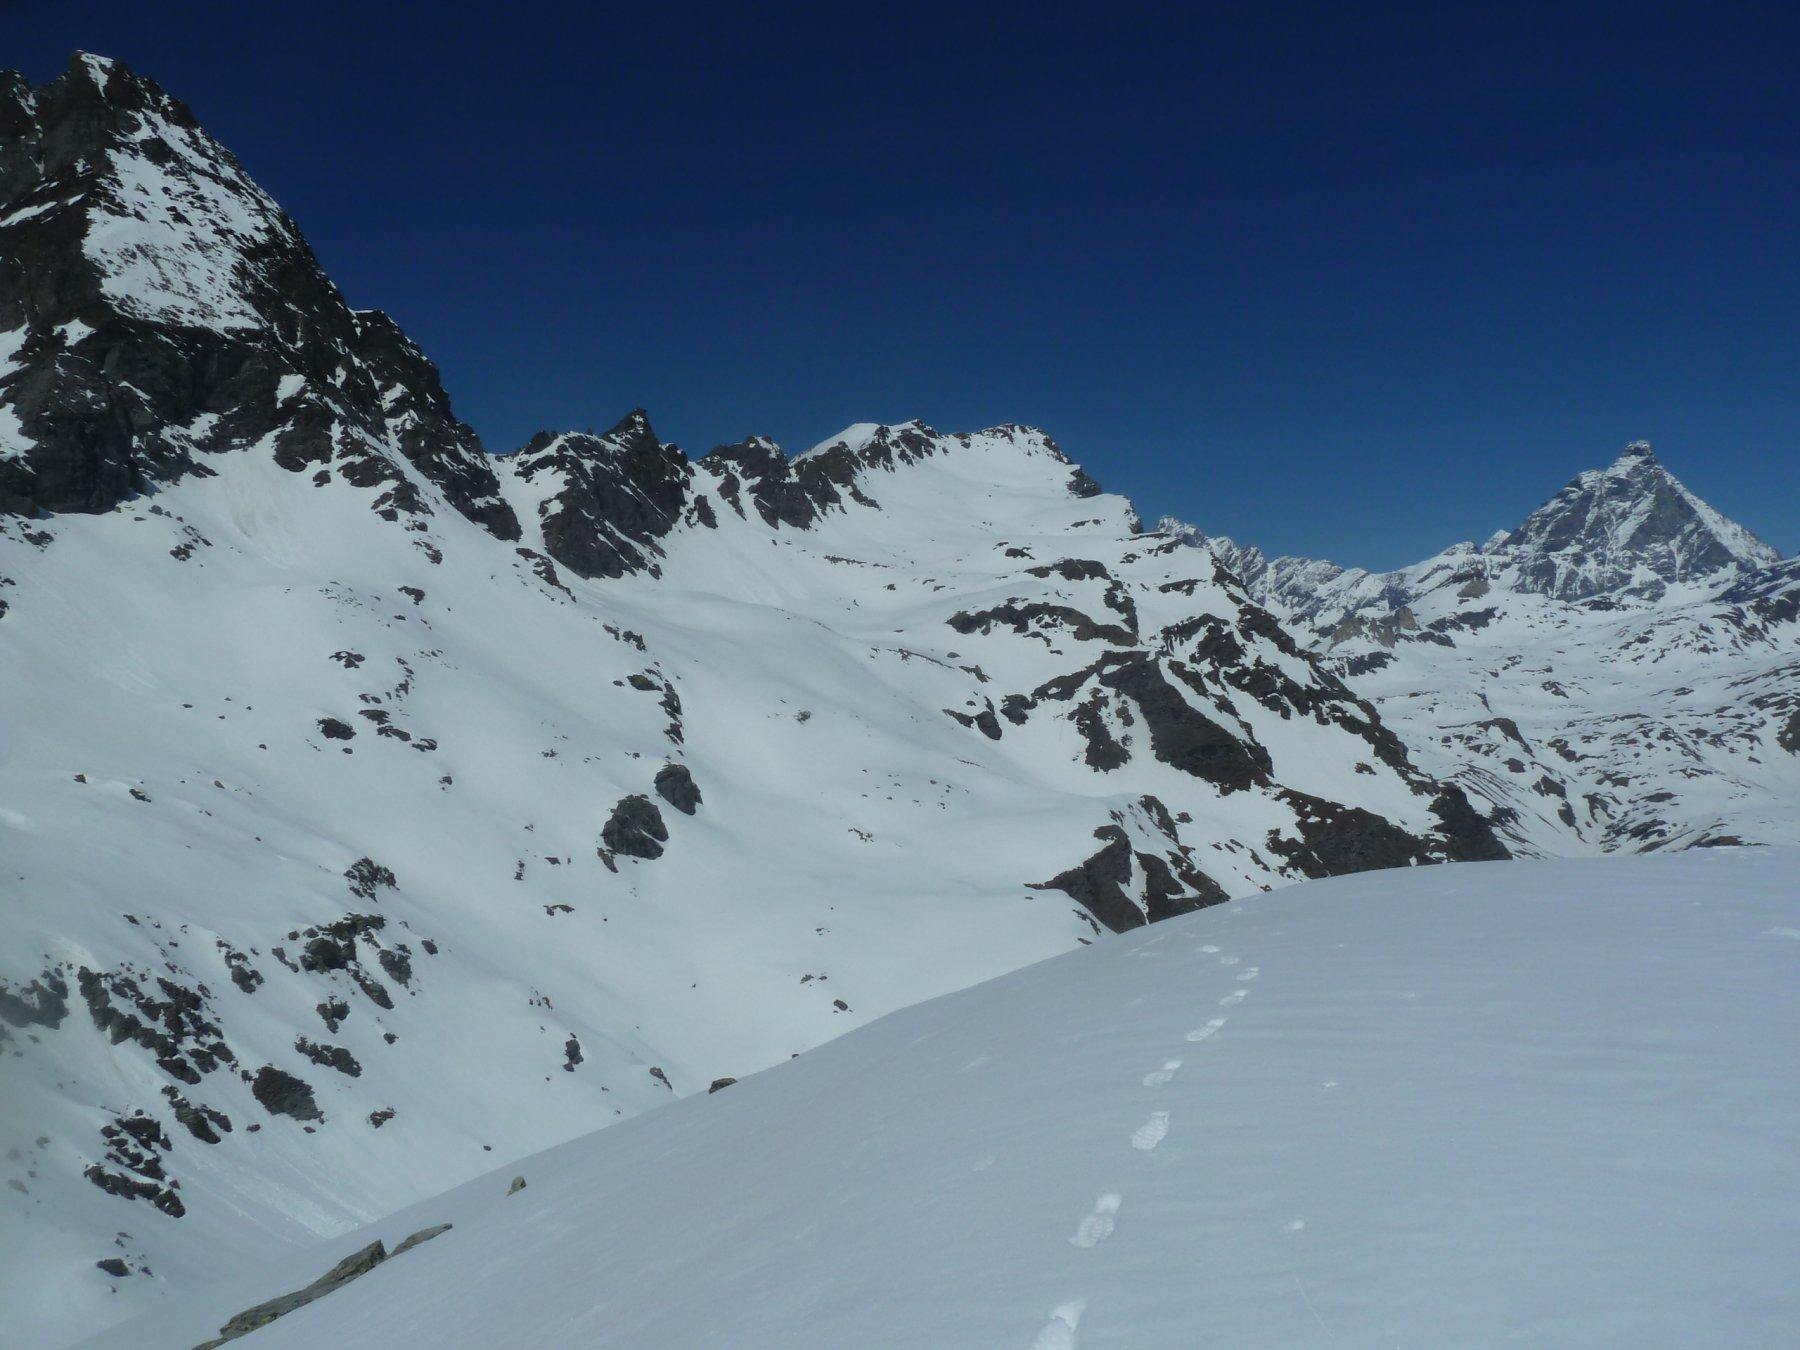 Dal Monte Croce uno sguardo alla Roisetta...